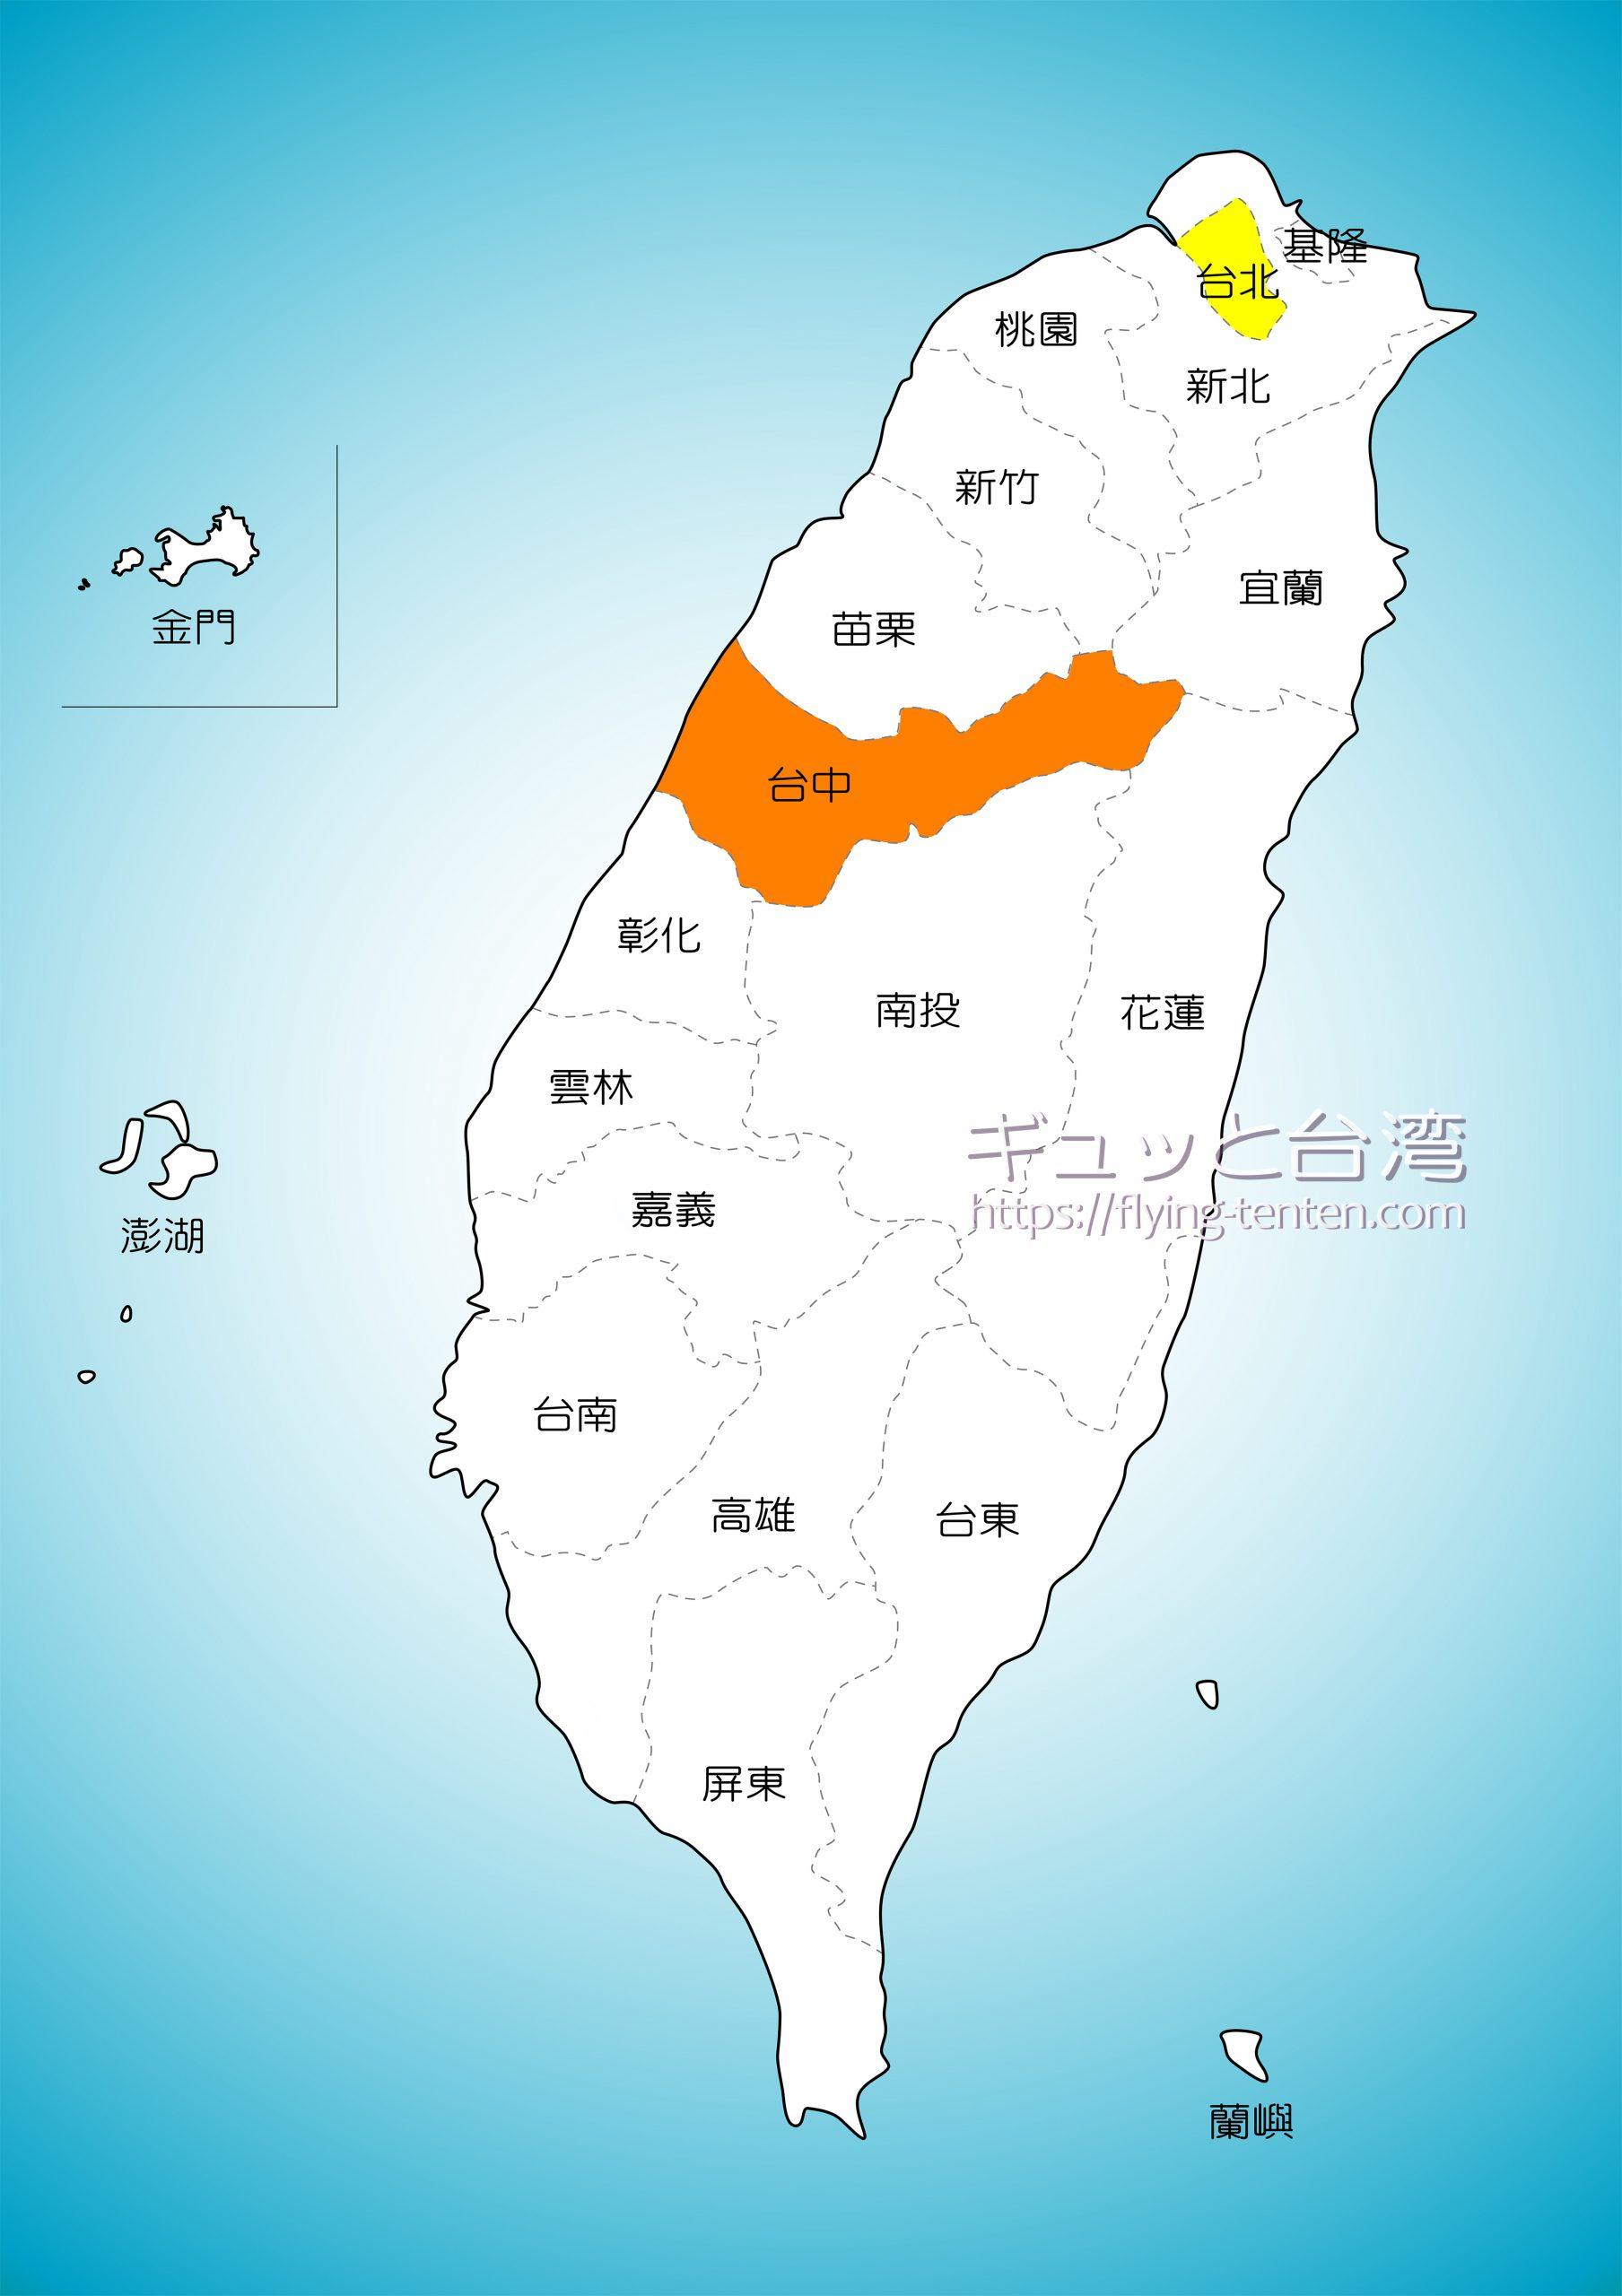 台湾全土で見た台中の位置